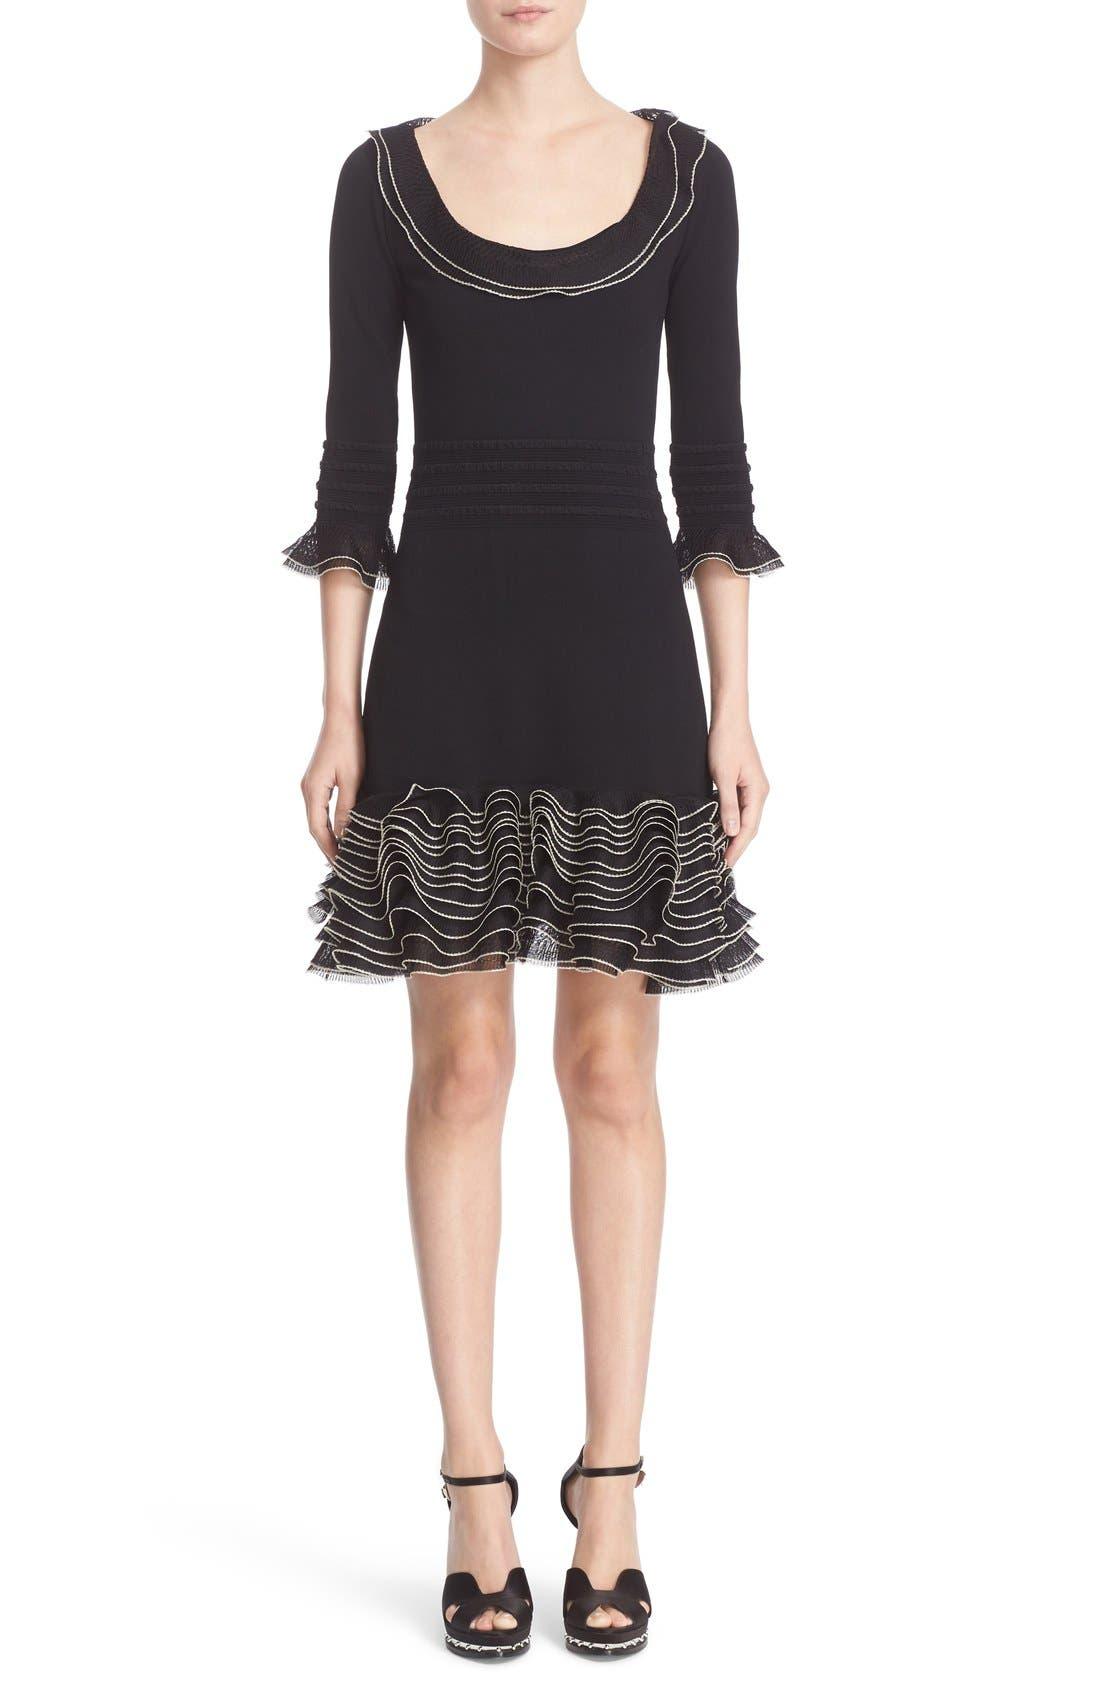 ALEXANDER MCQUEEN Graphic Frill Knit Dress